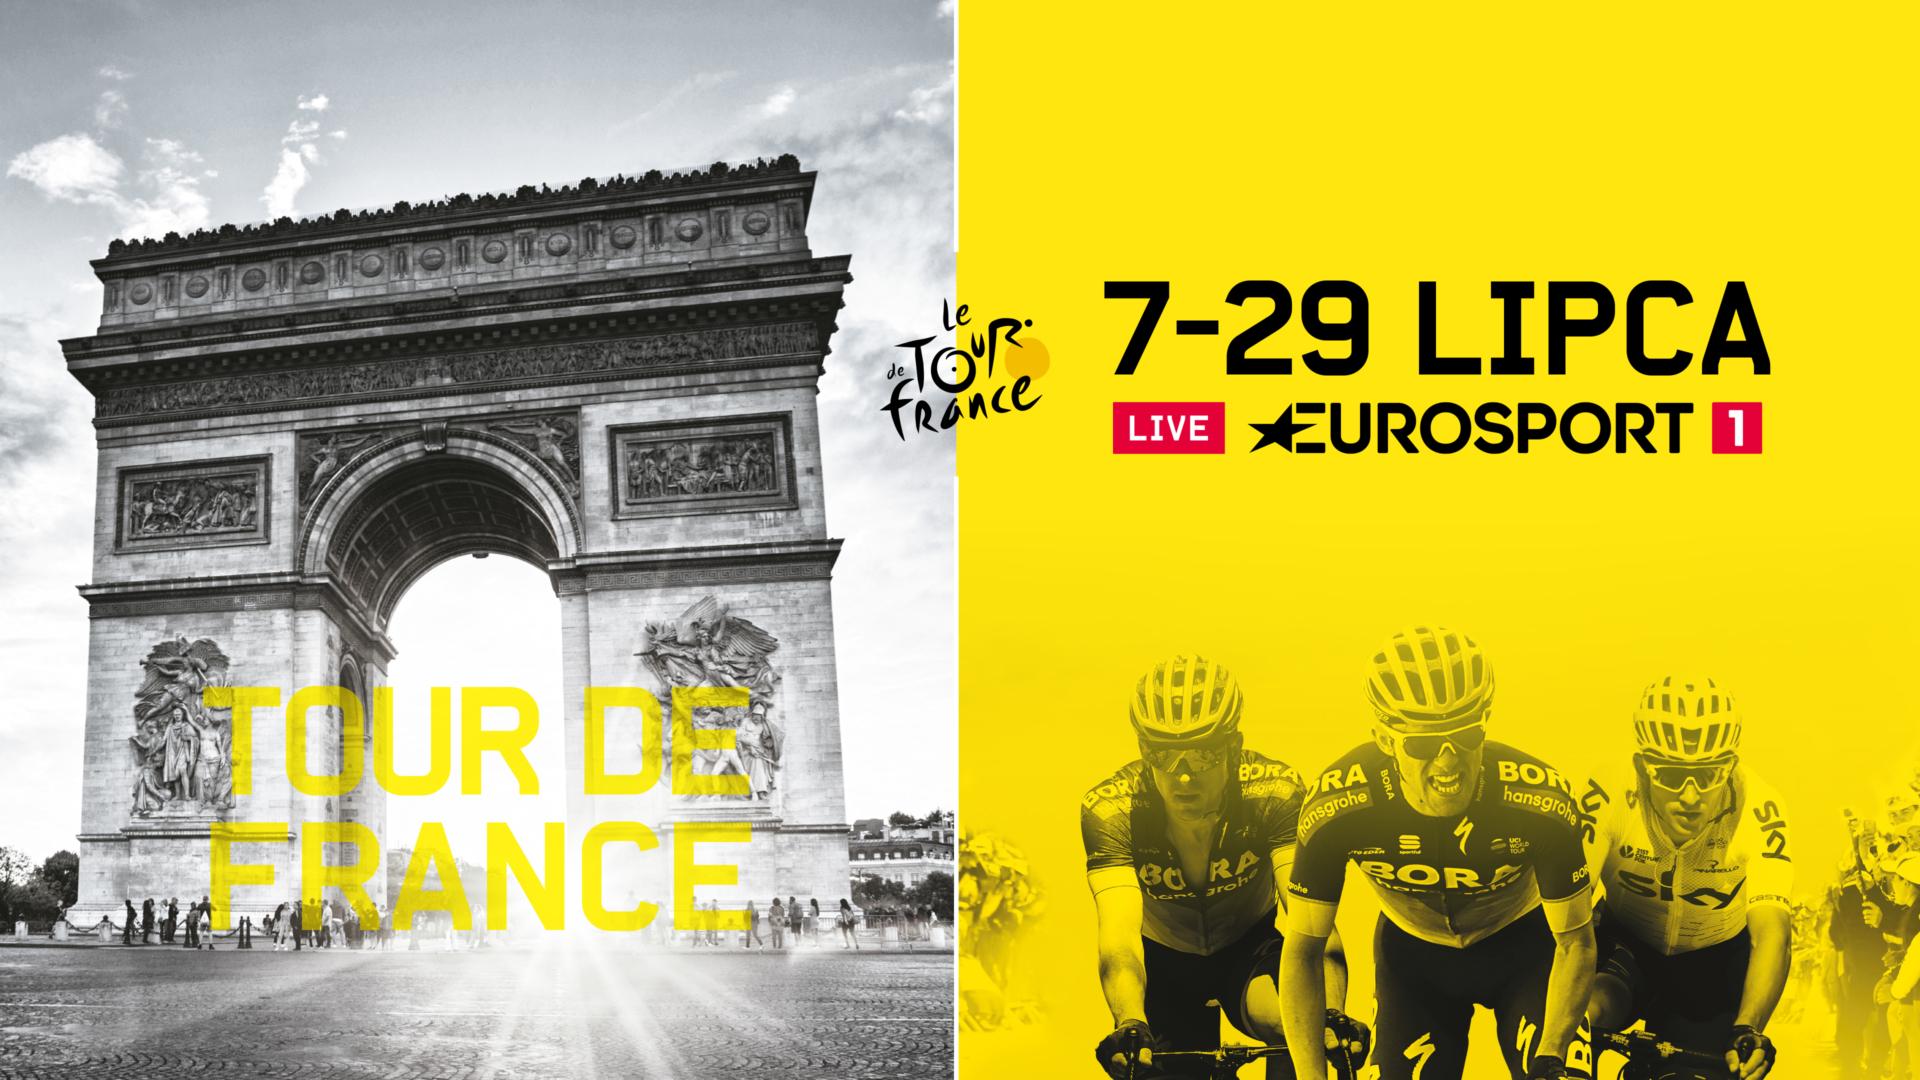 Tour de France w Eurosporcie w nowej odsłonie!